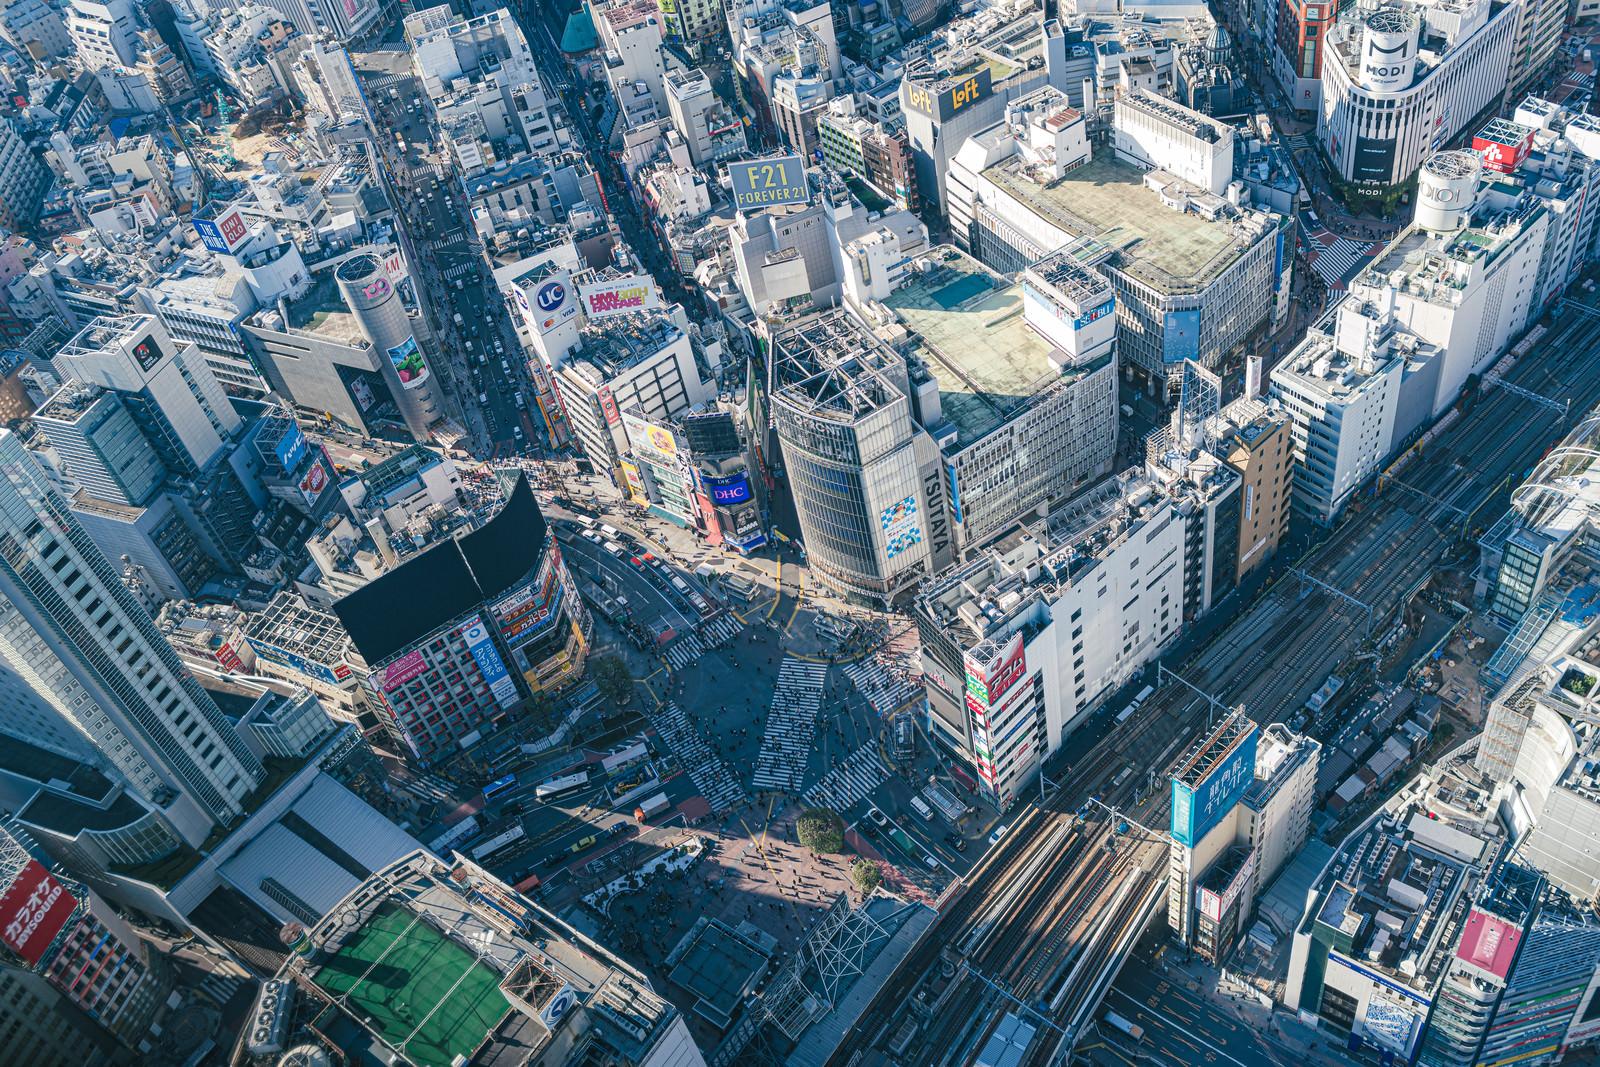 「渋谷スカイから見下ろすスクランブル交差点の様子」の写真